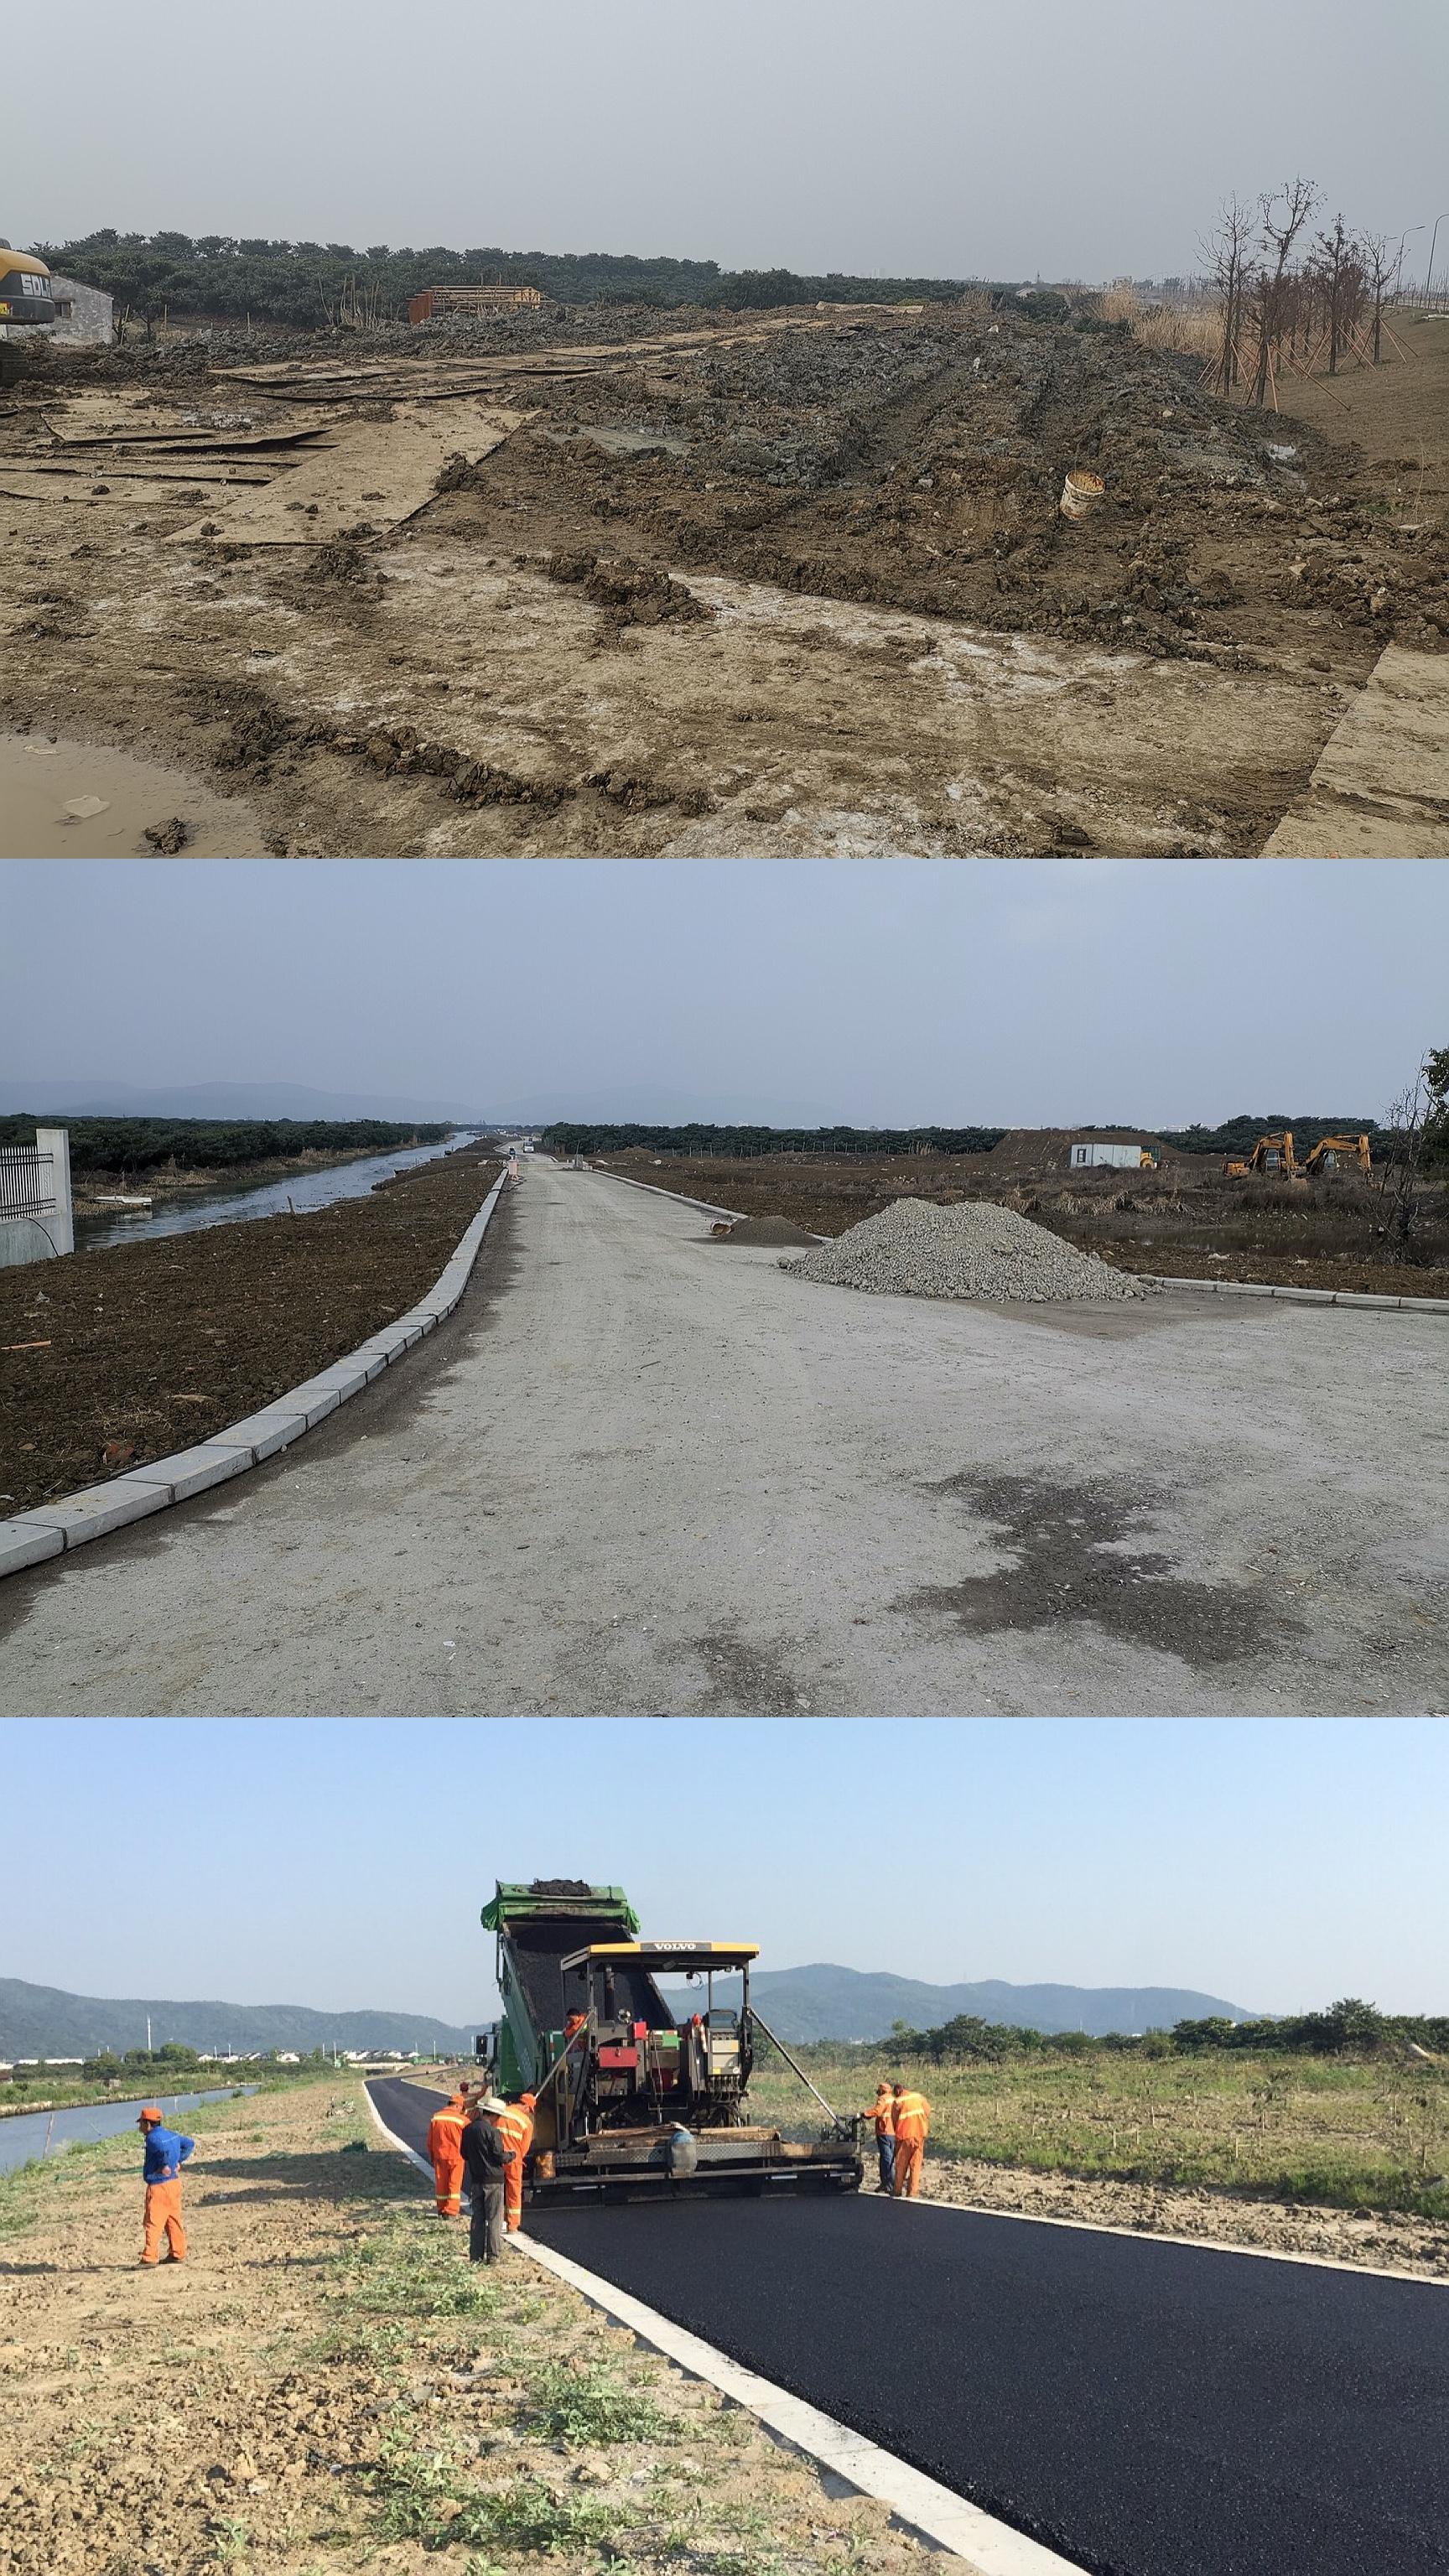 集團動態丨東山油車港整治工程項目順利完成施工